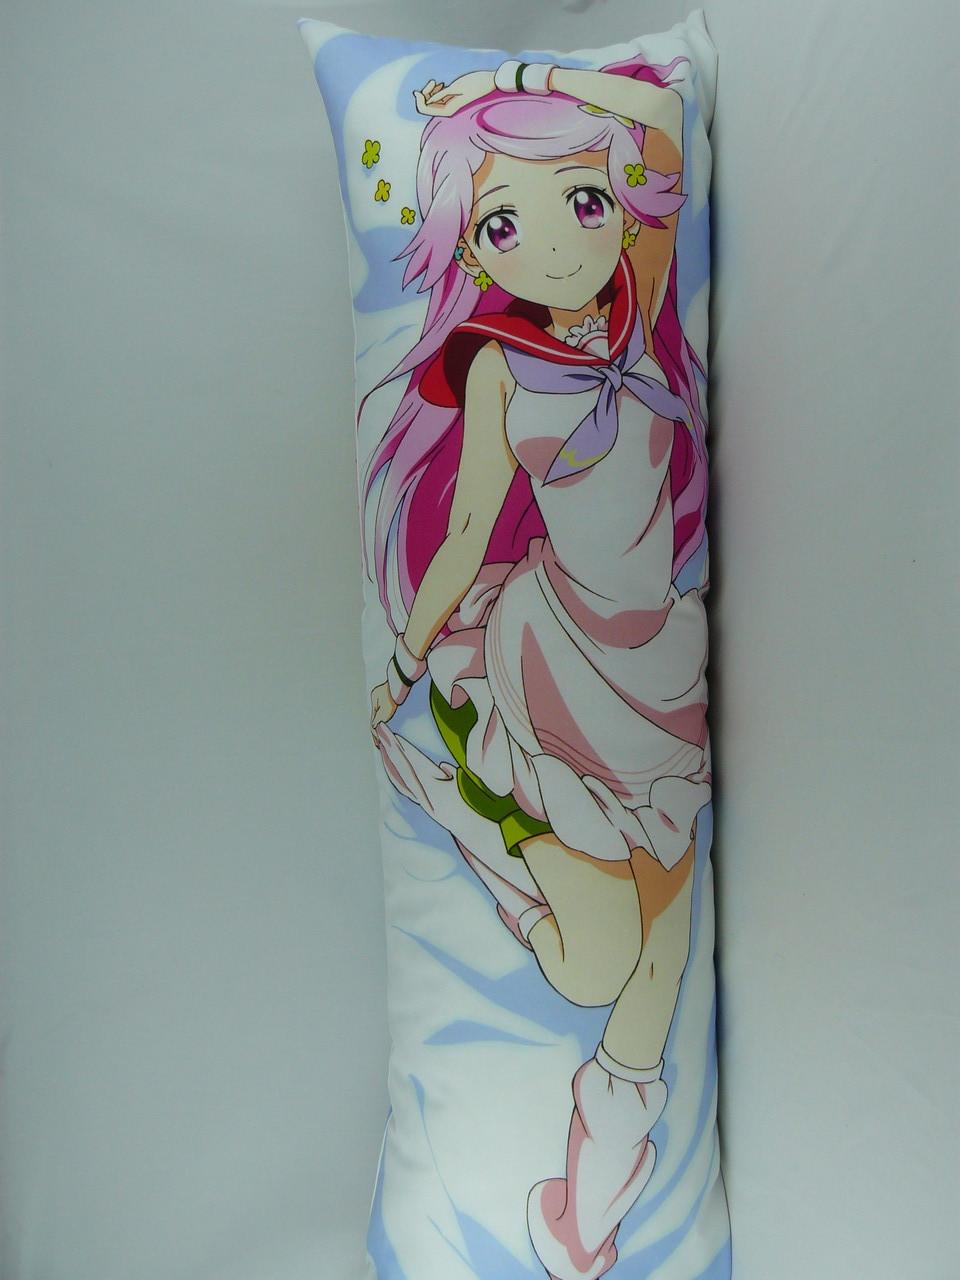 Подушка для обнимания 150 х 50 Симедзи (кукла с розовыми волосами)